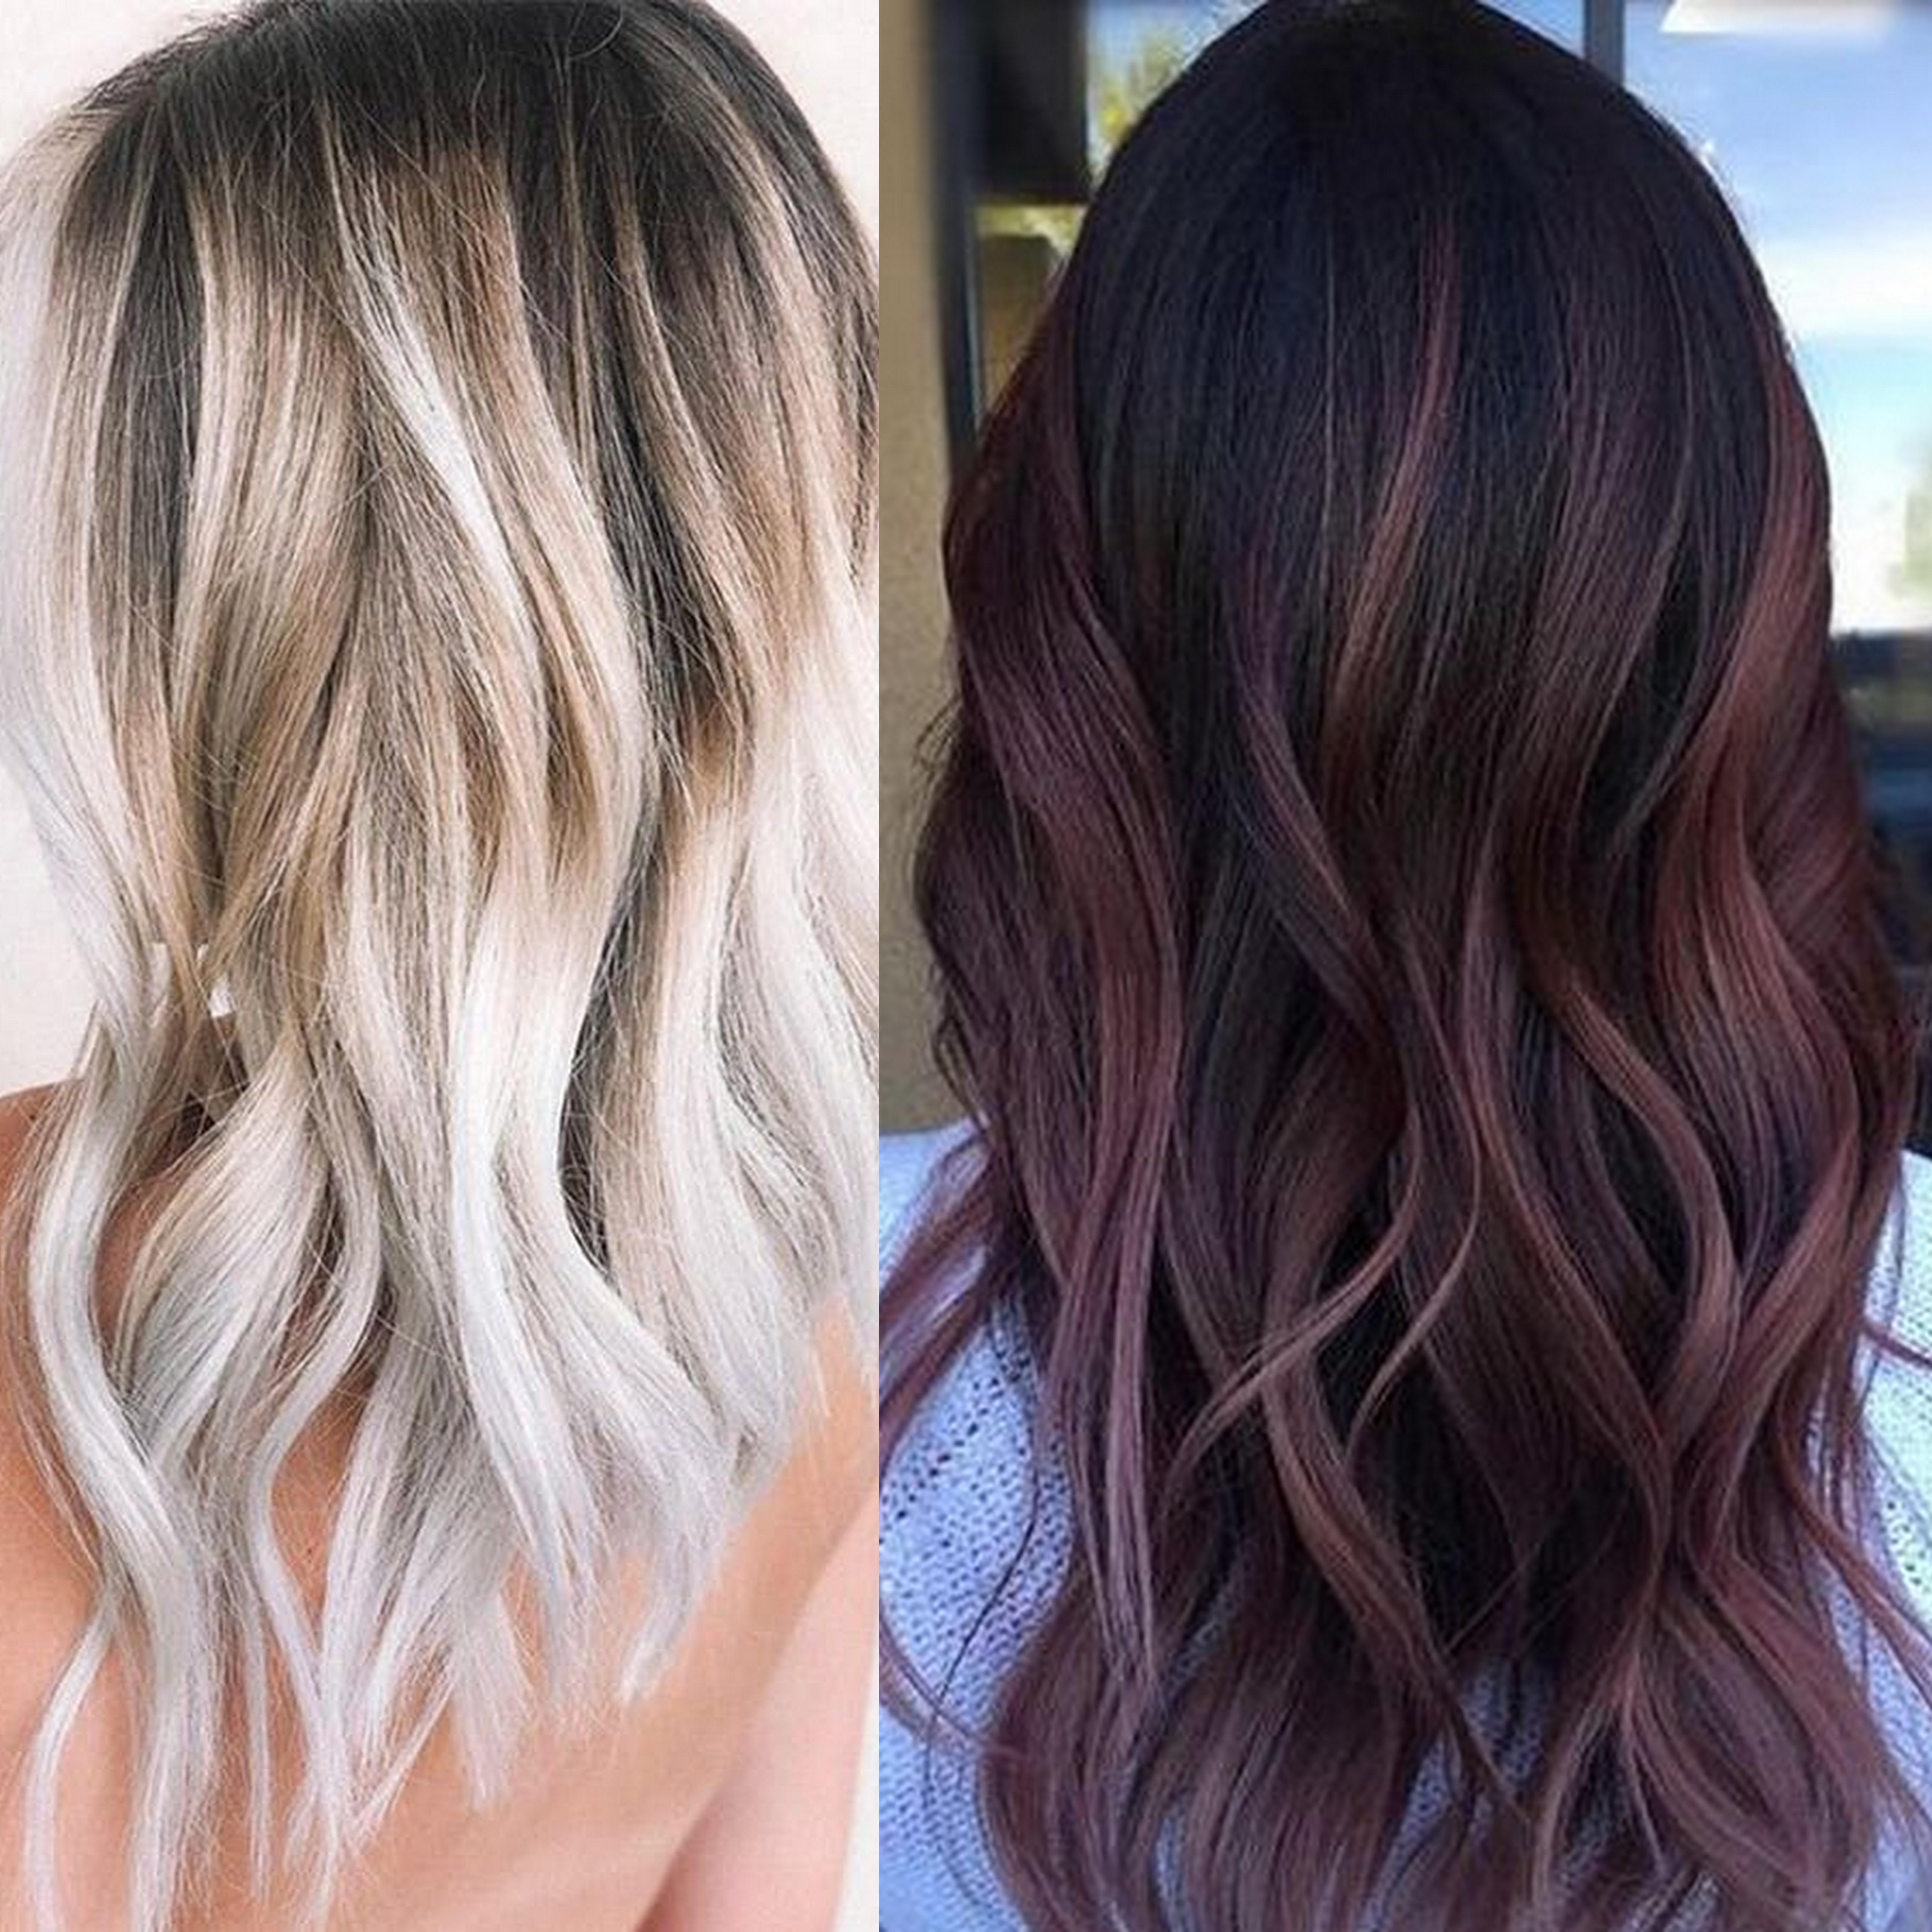 Tendenze capelli autunno inverno 2018-2019  i colori e gli styling ... 3701444ddf79